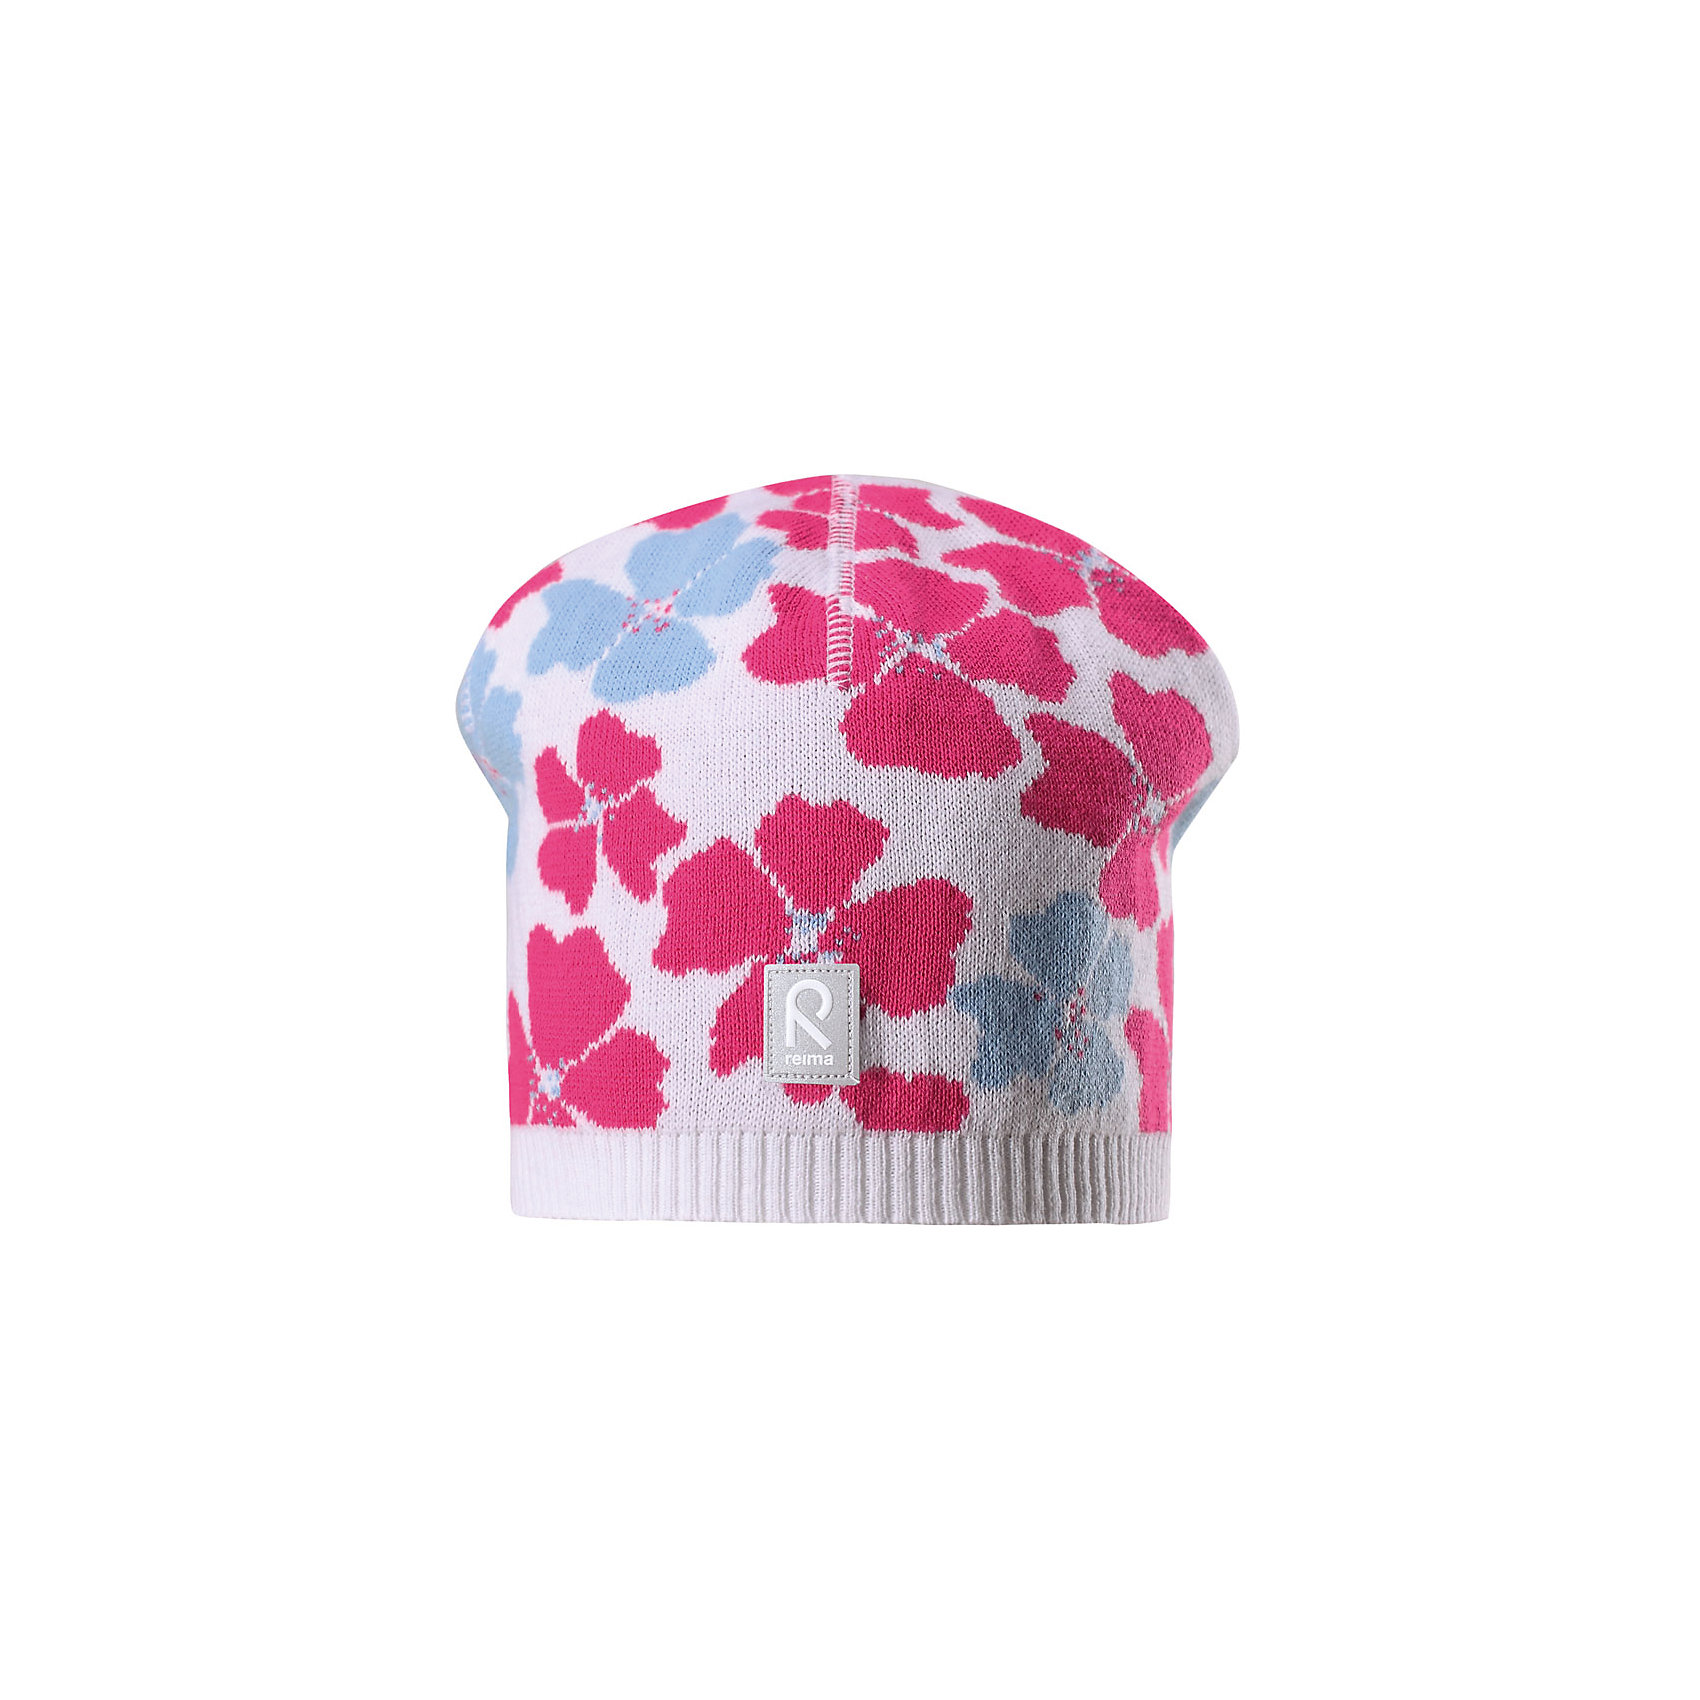 Шапка Paradise для девочки ReimaШапки и шарфы<br>Характеристики товара:<br><br>• цвет: белый<br>• состав: 100% хлопок<br>• температурный режим: от +10С<br>• эластичный хлопковый трикотаж<br>• изделие сертифицированно по стандарту Oeko-Tex на продукцию класса 2 - одежда, контактирующая с кожей<br>• облегчённая модель без подкладки<br>• эмблема Reima спереди<br>• сплошная жаккардовая узорная вязка<br>• светоотражающая эмблема спереди<br>• страна бренда: Финляндия<br>• страна производства: Китай<br><br>Детский головной убор может быть модным и удобным одновременно! Стильная шапка поможет обеспечить ребенку комфорт и дополнить наряд.Шапка удобно сидит и аккуратно выглядит. Проста в уходе, долго служит. Стильный дизайн разрабатывался специально для детей. Отличная защита от дождя и ветра!<br><br>Уход:<br><br>• стирать по отдельности, вывернув наизнанку<br>• придать первоначальную форму вo влажном виде<br>• возможна усадка 5 %.<br><br>Шапку для девочки от финского бренда Reima (Рейма) можно купить в нашем интернет-магазине.<br><br>Ширина мм: 89<br>Глубина мм: 117<br>Высота мм: 44<br>Вес г: 155<br>Цвет: белый<br>Возраст от месяцев: 24<br>Возраст до месяцев: 60<br>Пол: Женский<br>Возраст: Детский<br>Размер: 52,56,50,54<br>SKU: 5267851